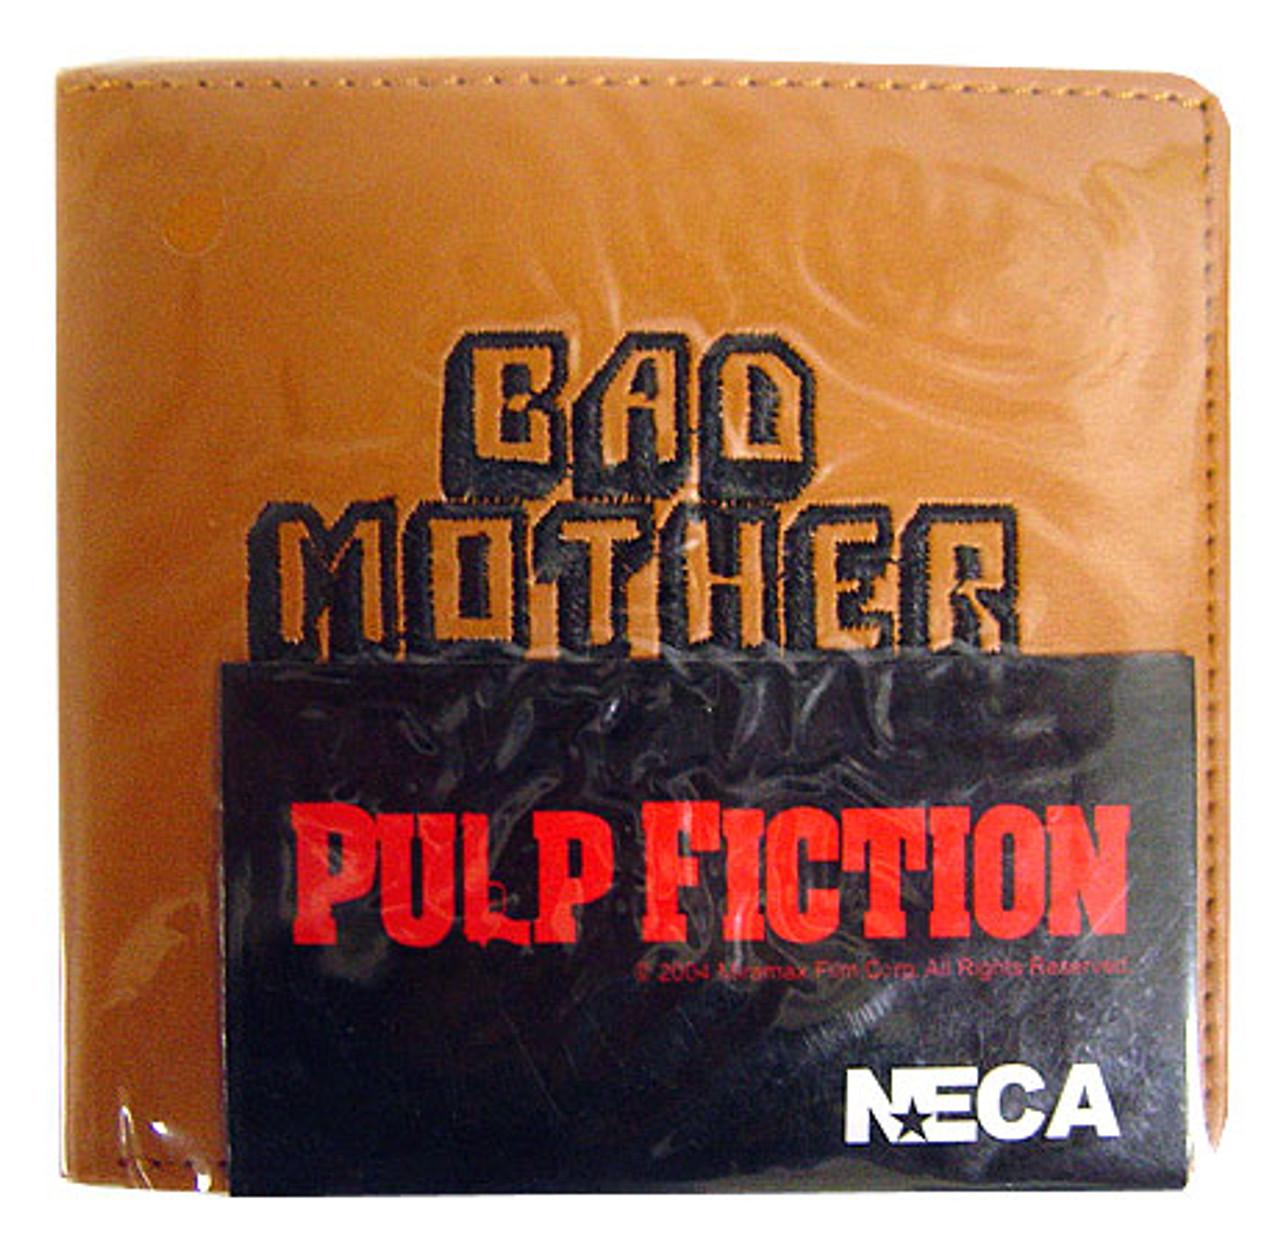 NECA Pulp Fiction Bad Mother$&#@er Wallet